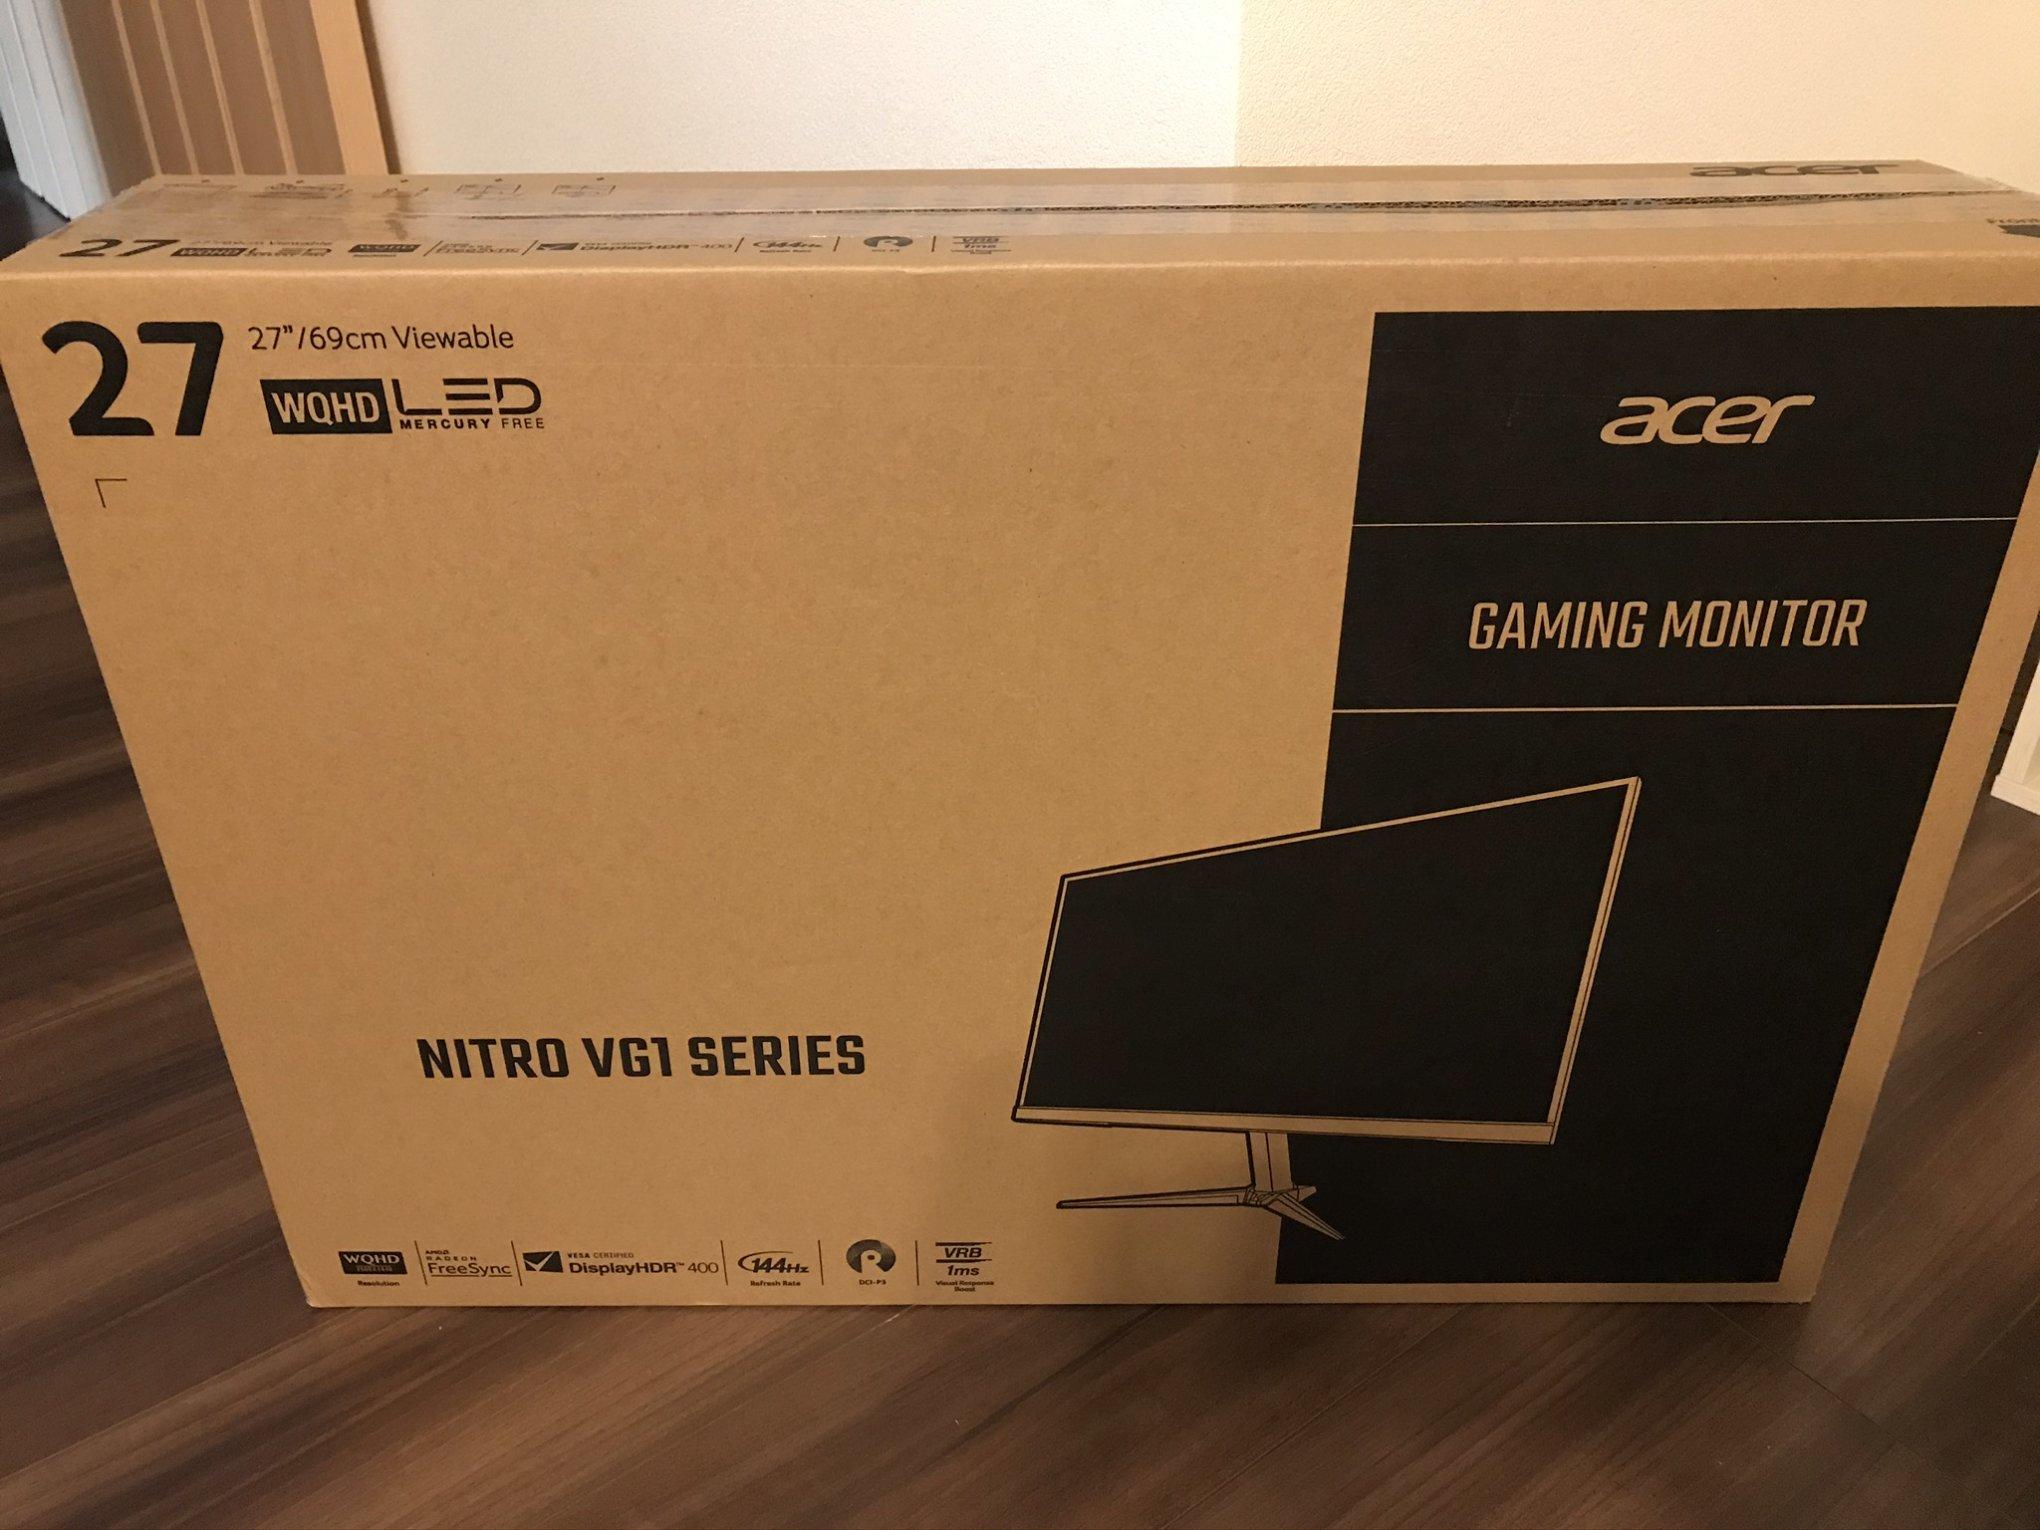 VG271UPbmiipx外箱